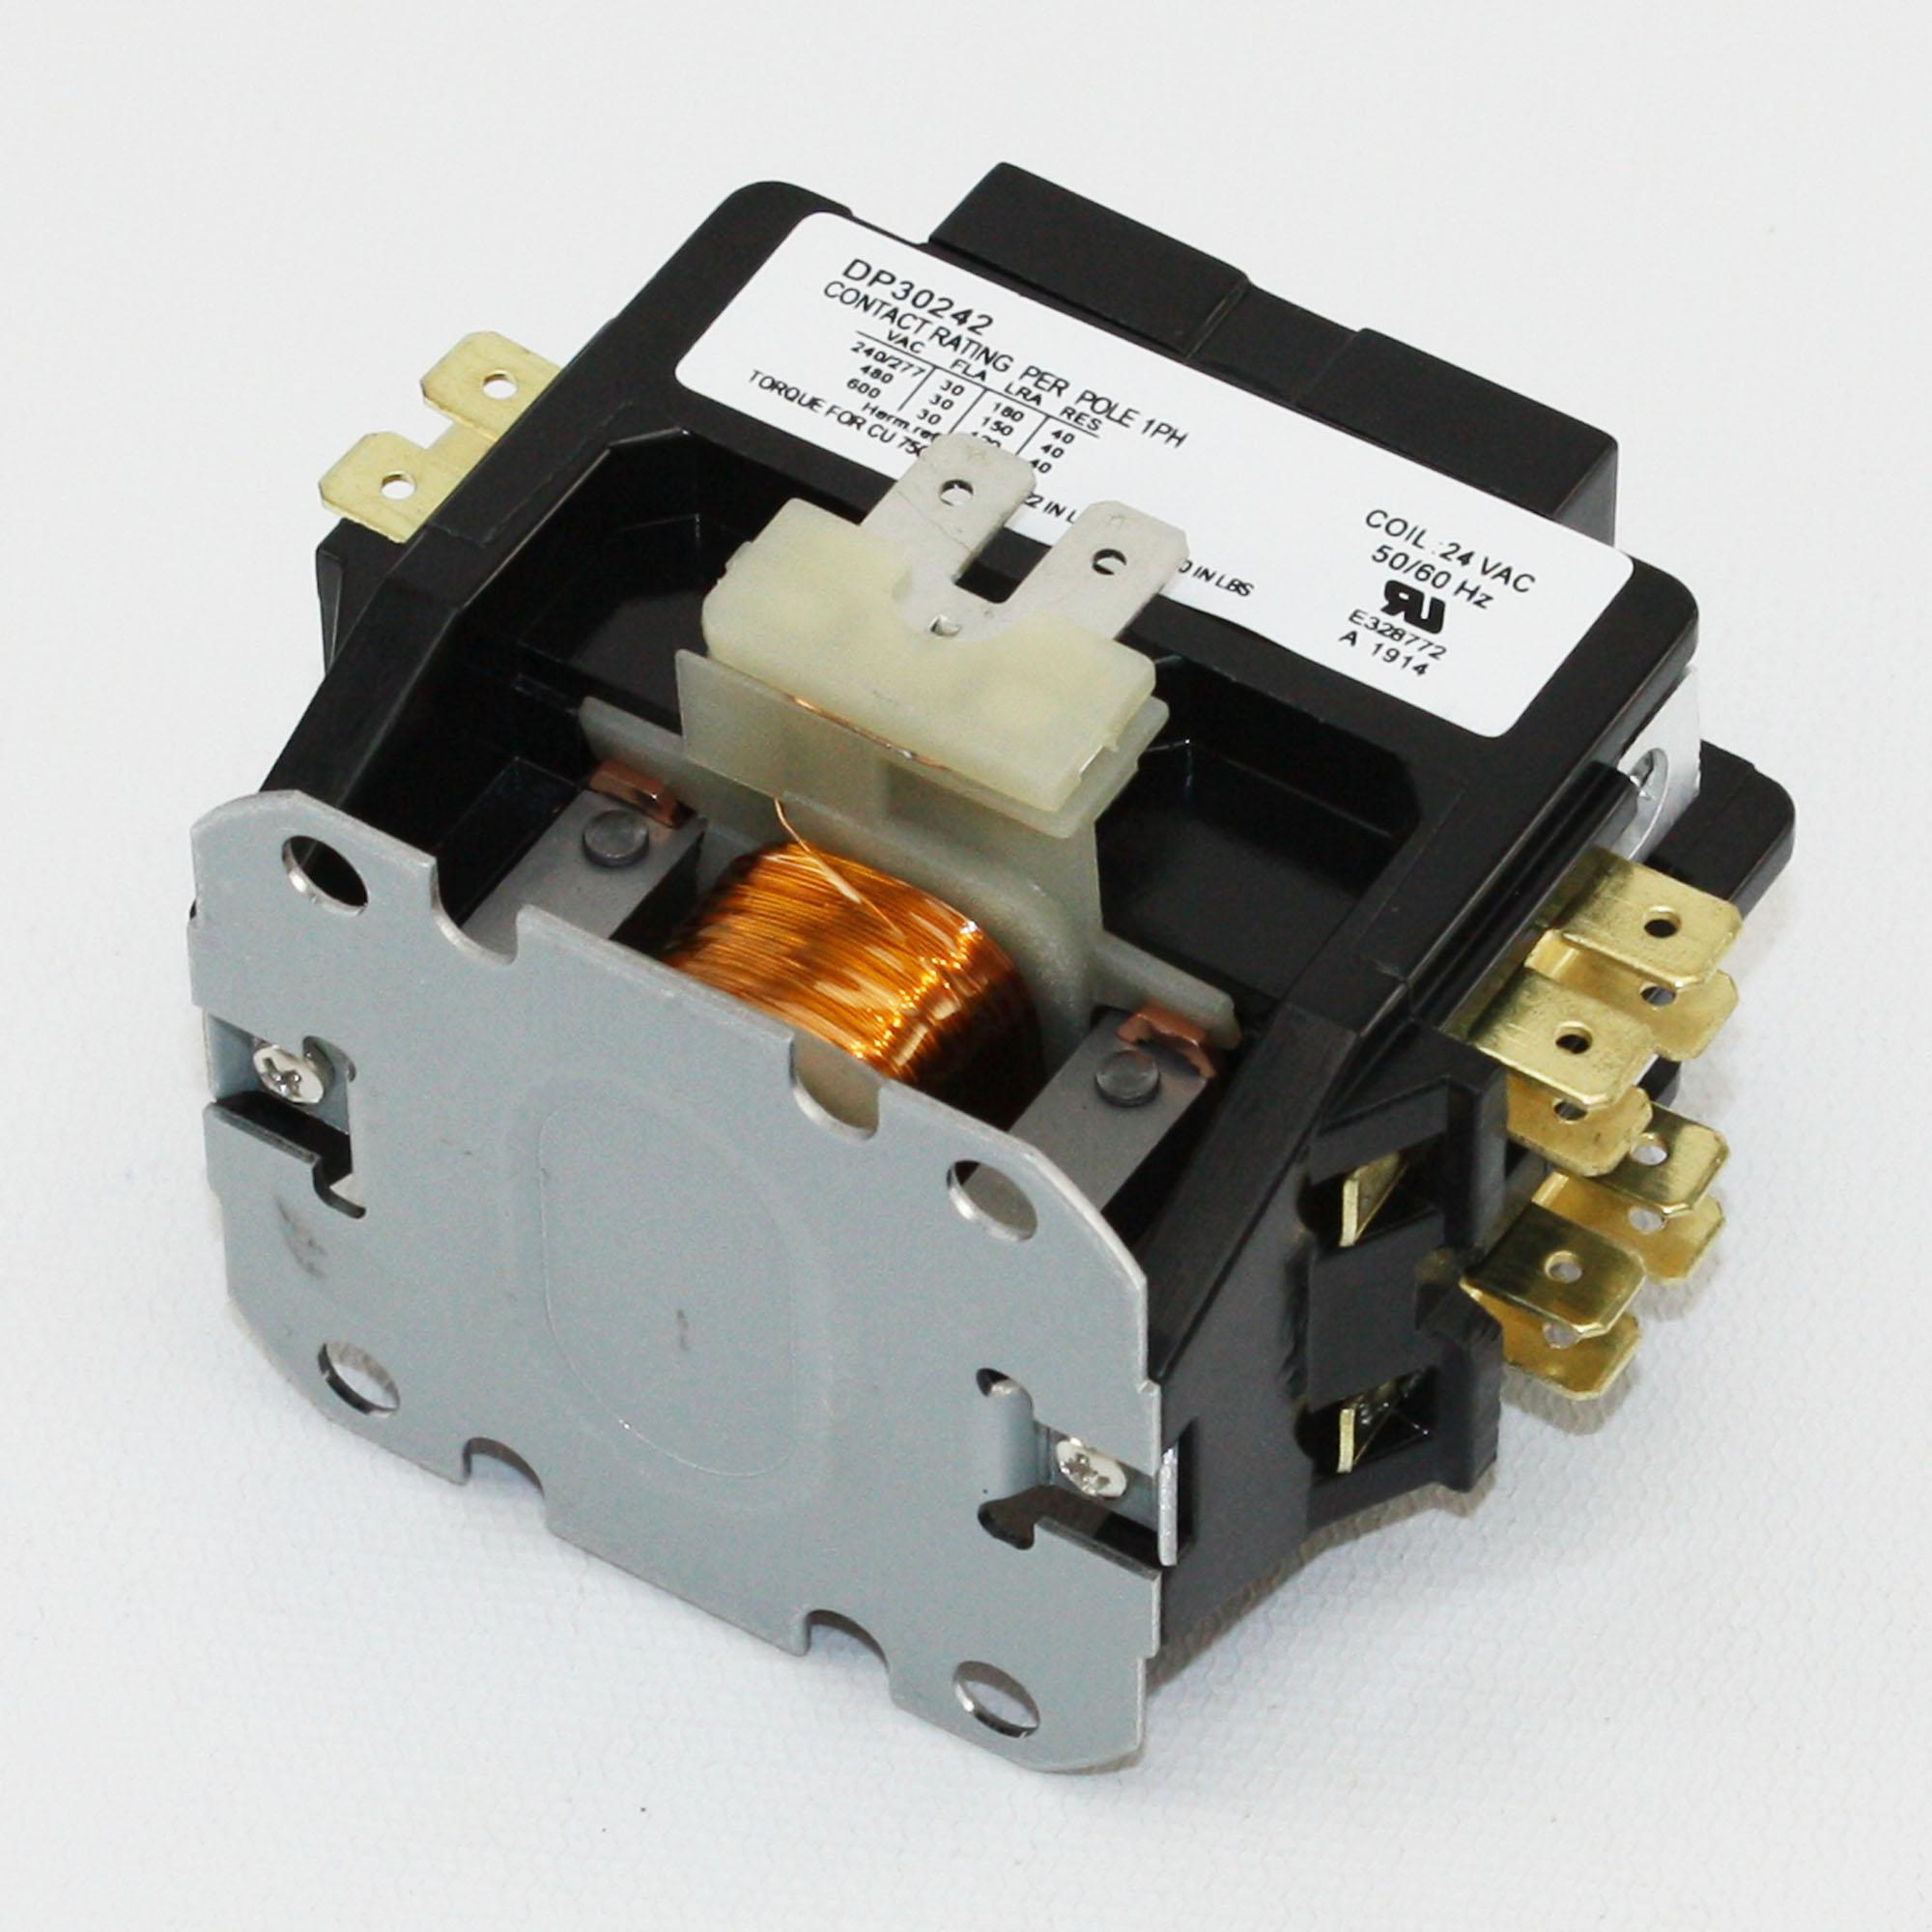 2 Pole Definite Purpose Contactor - Wiring DATA •